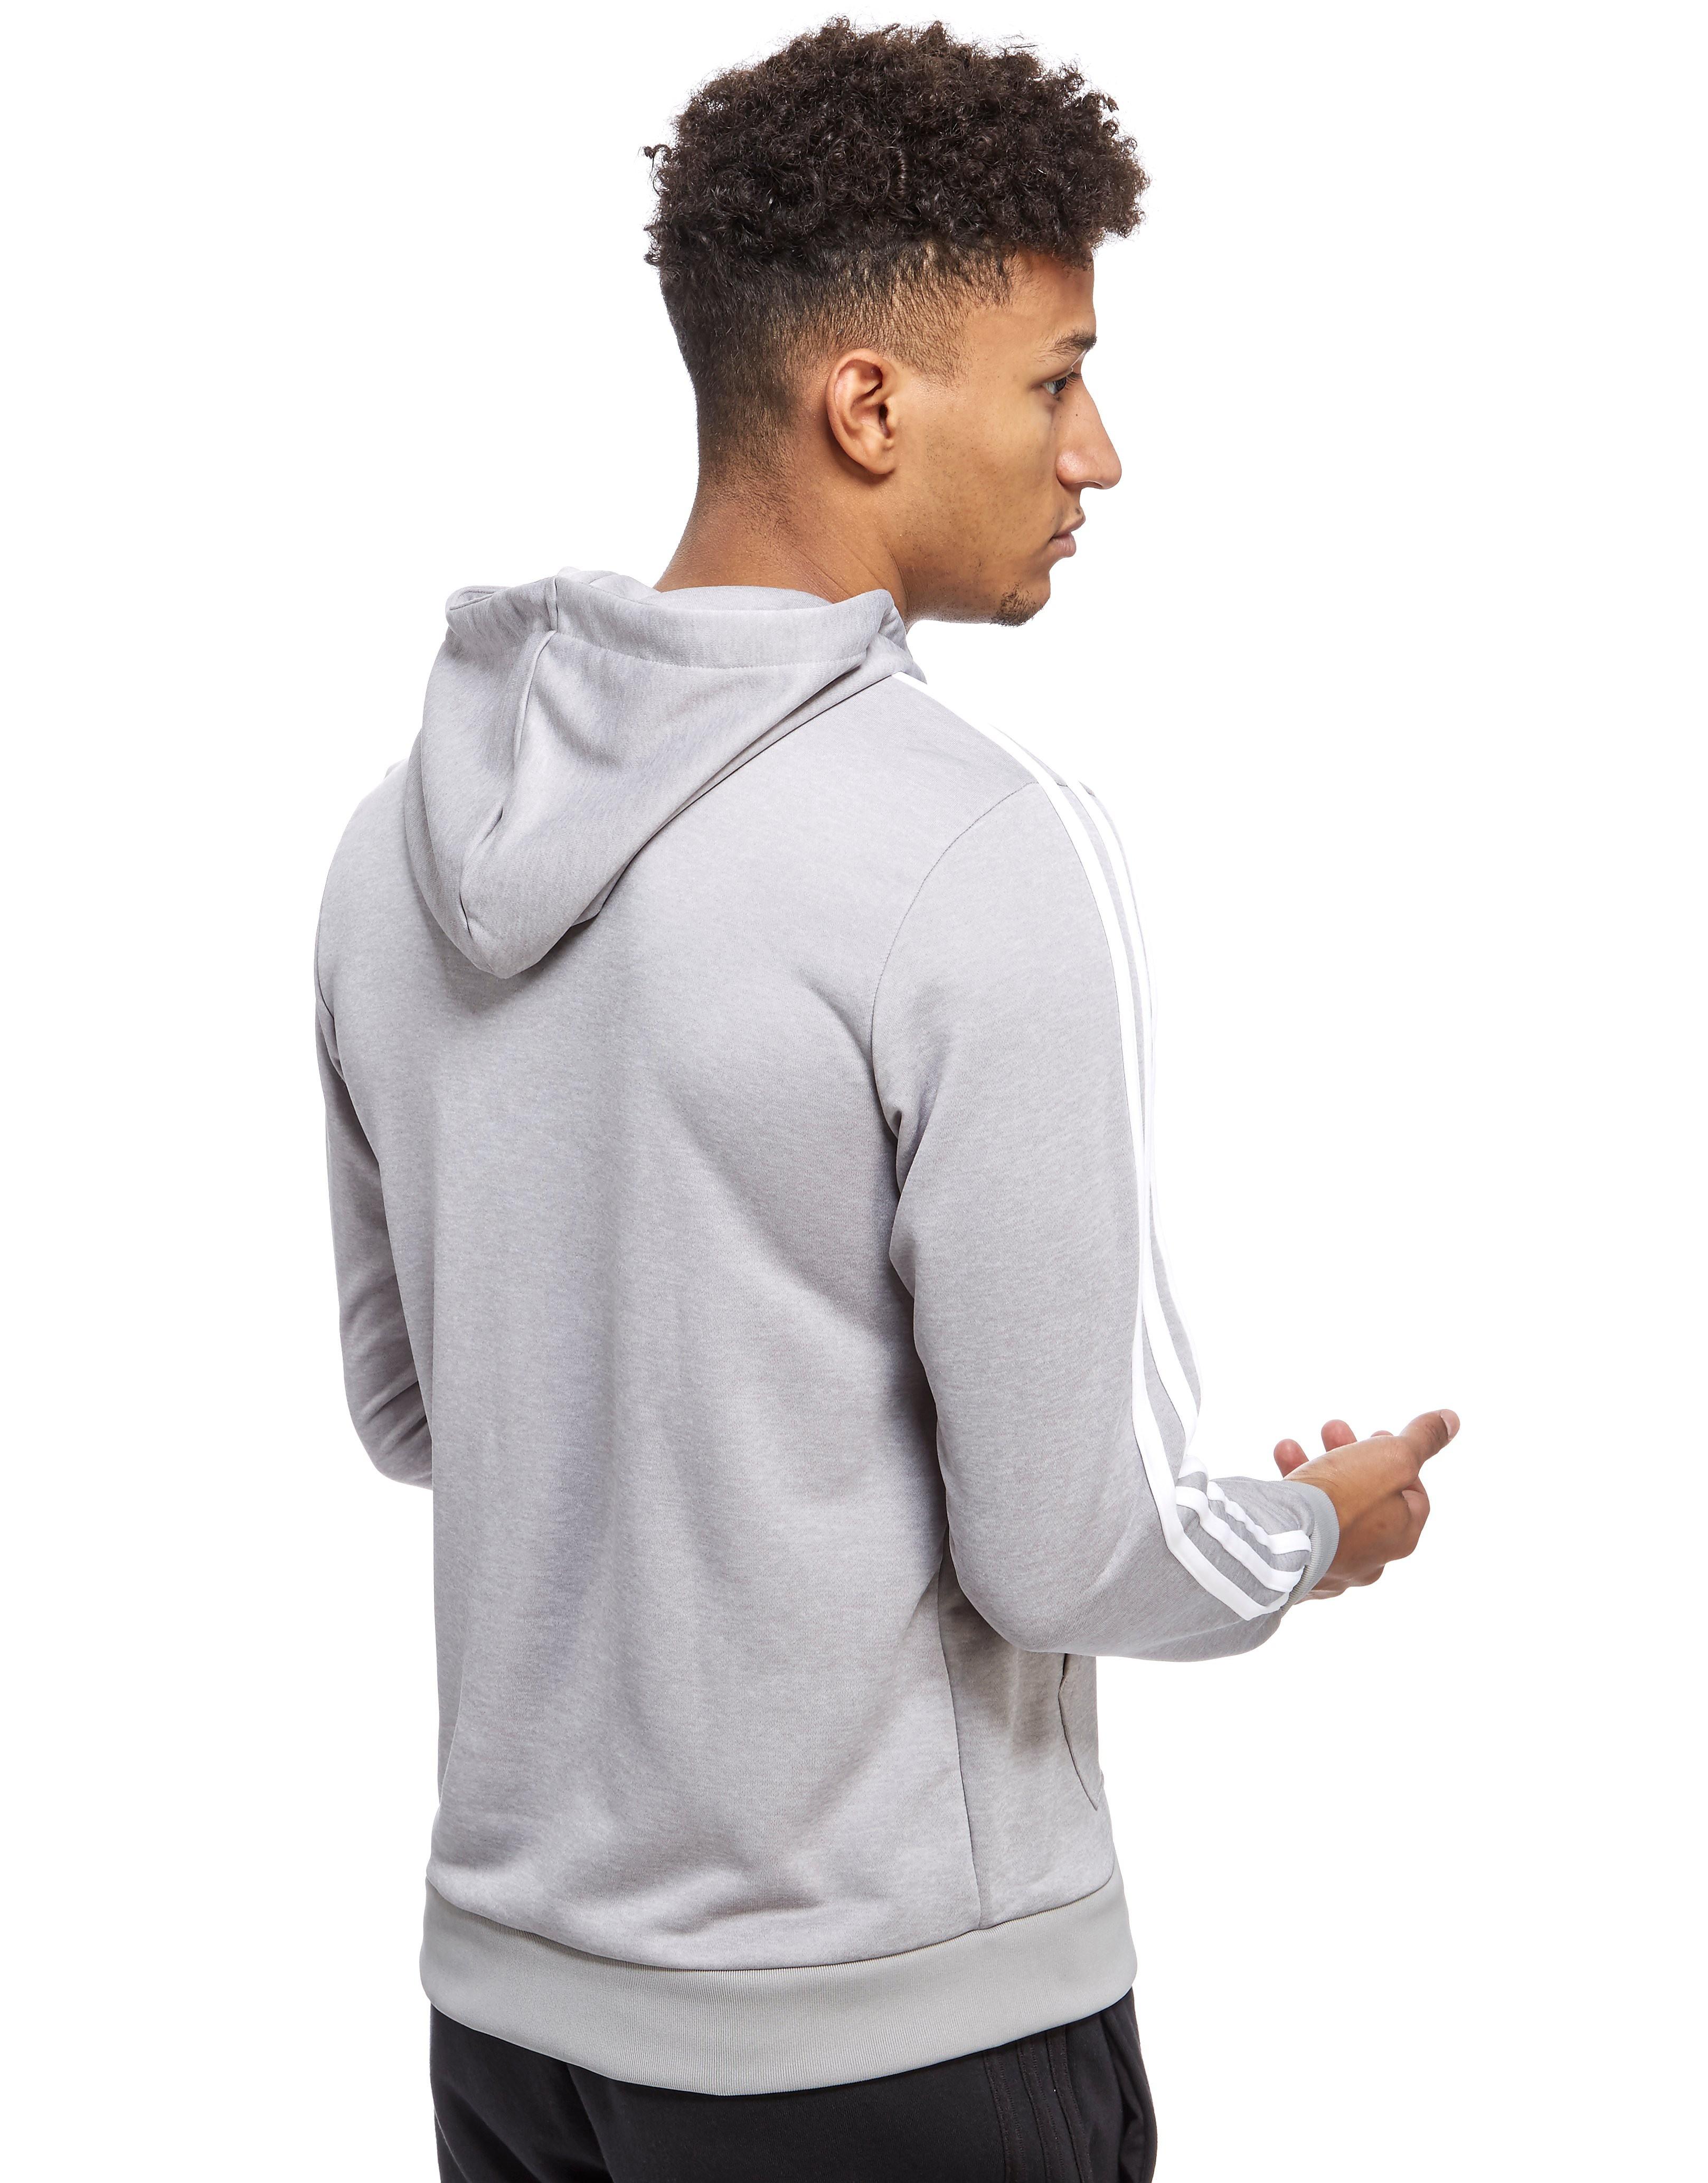 adidas Originals Superstar Half-Zip Hoody